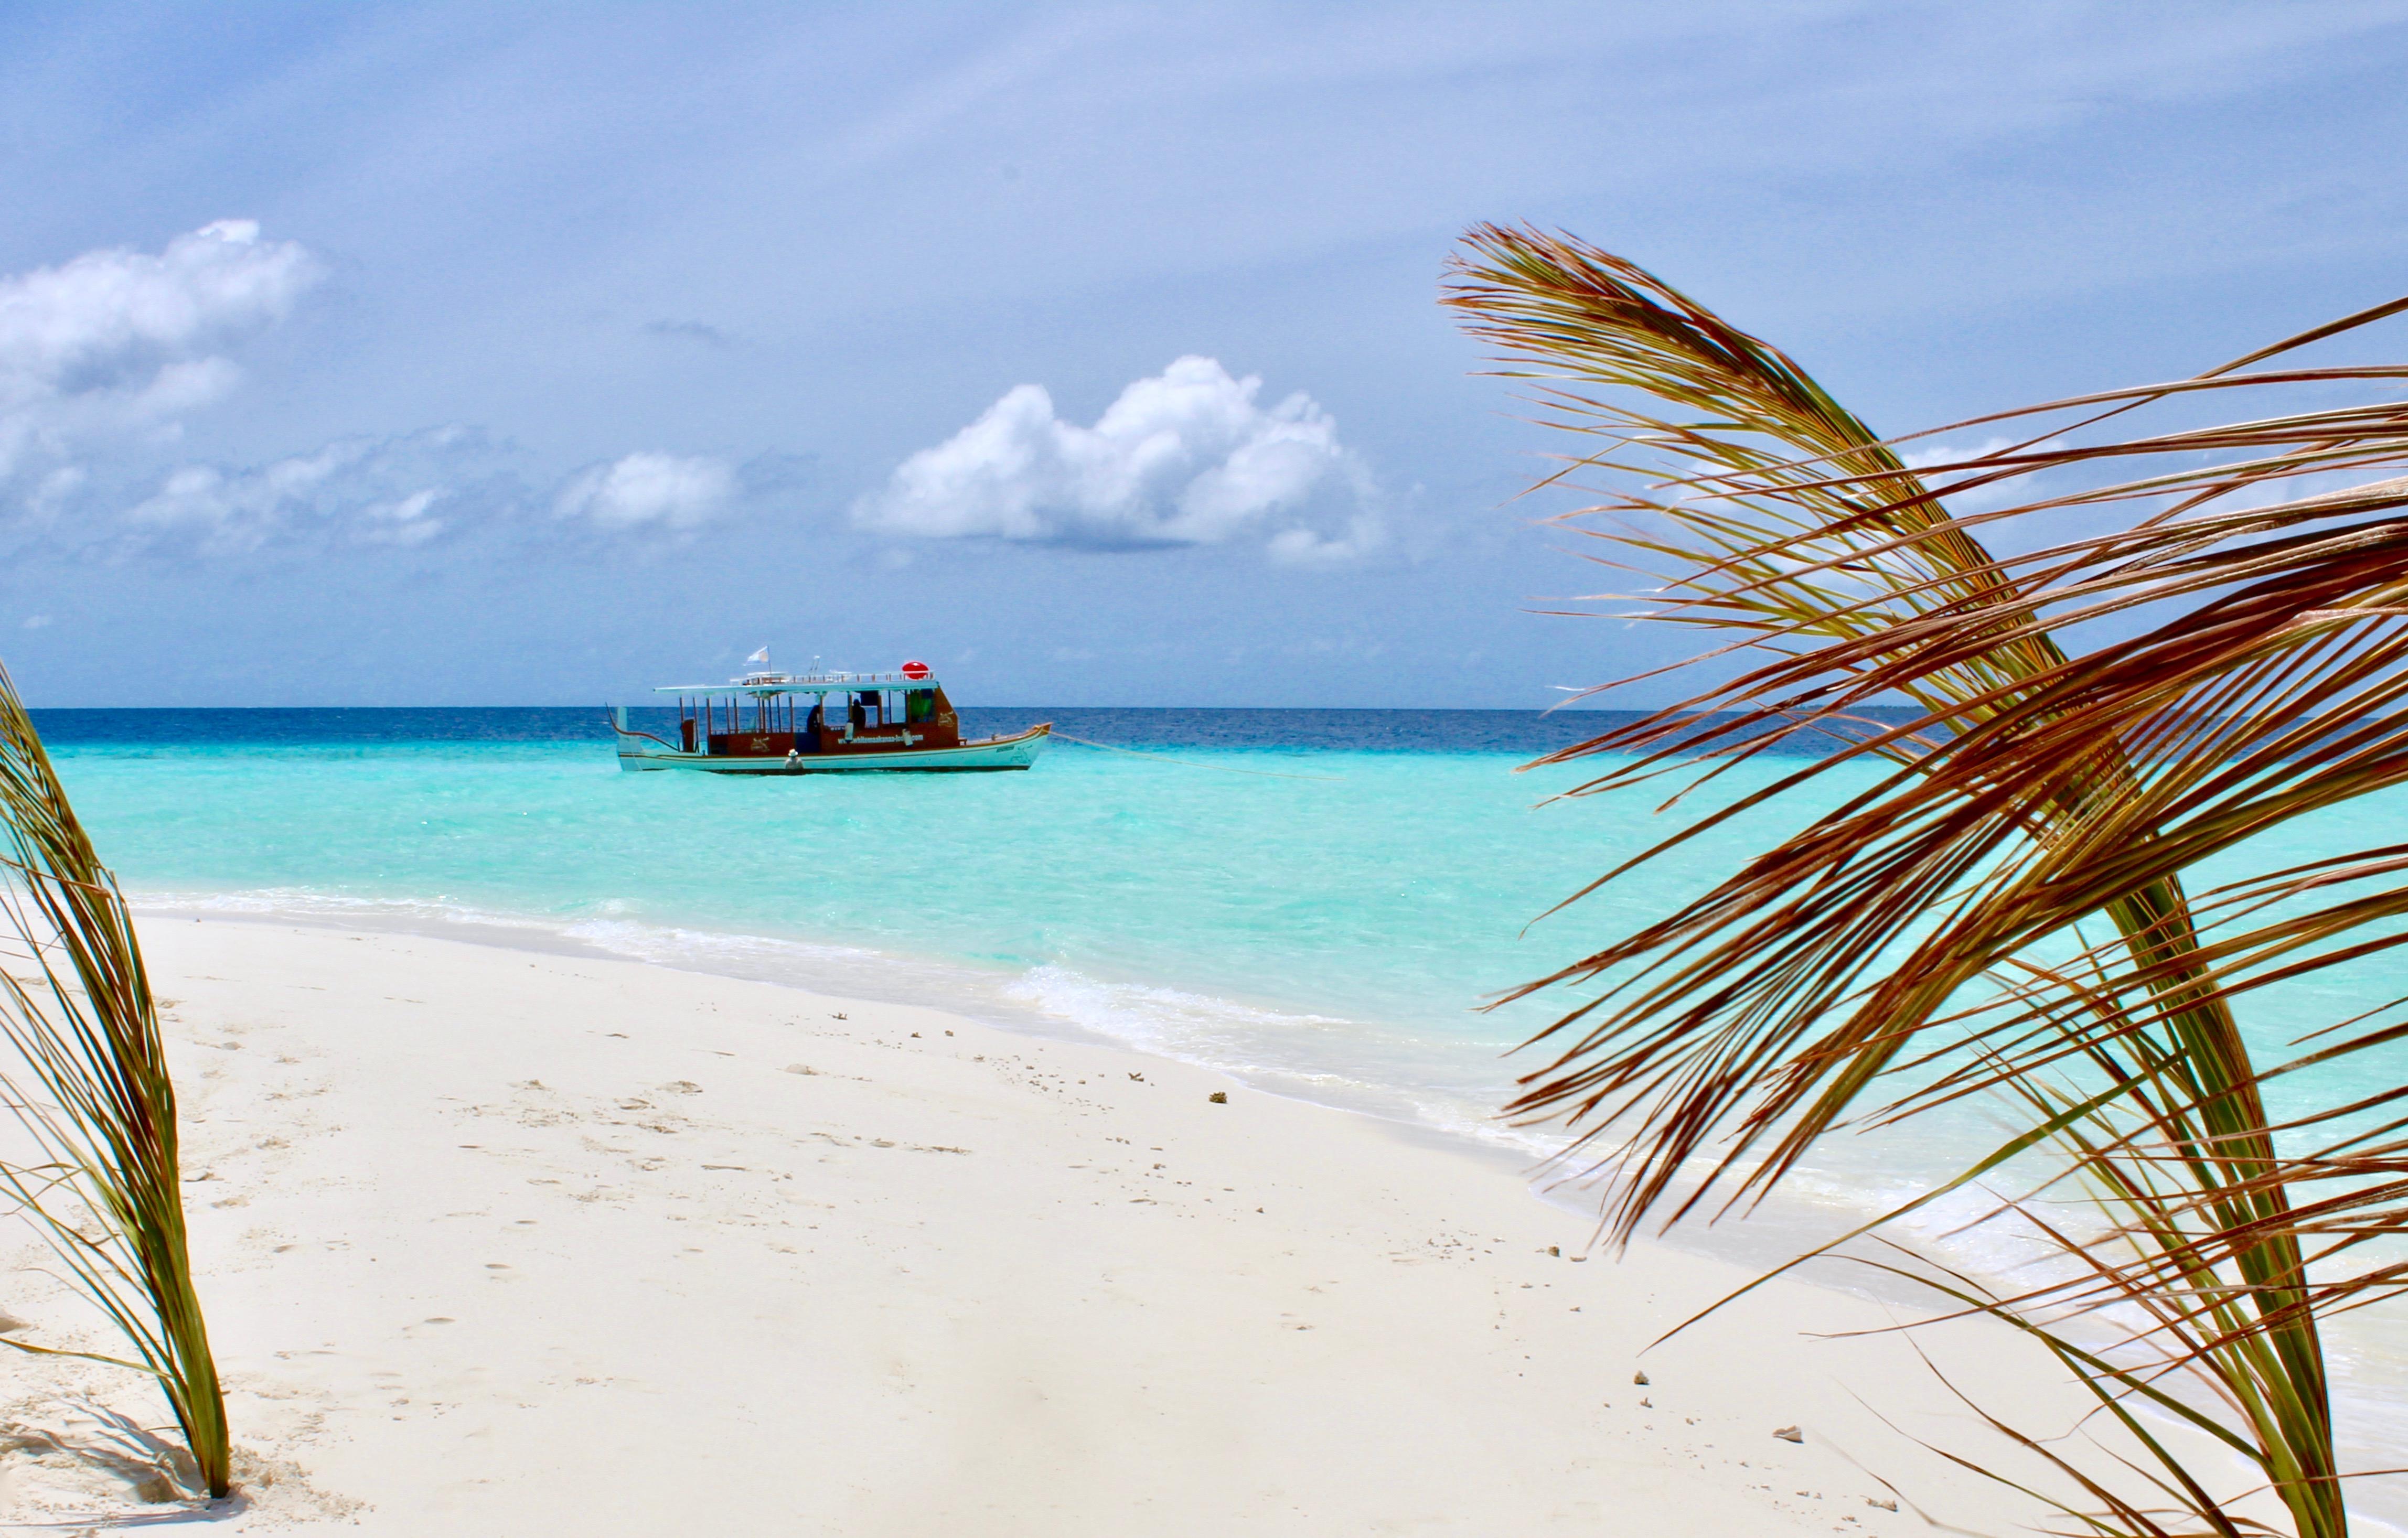 scoprire le Maldive